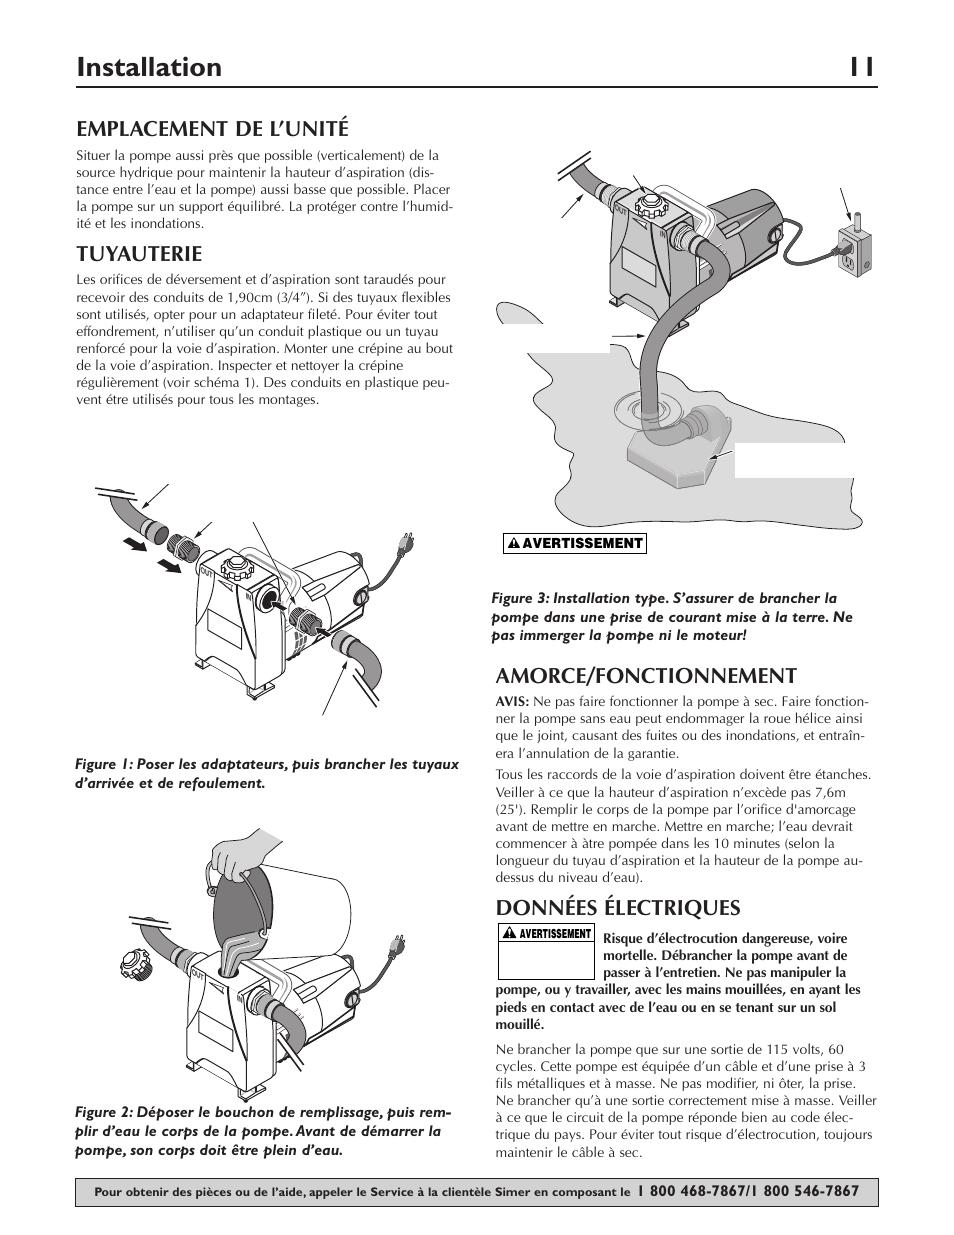 Installation 11, Emplacement de l'unité, Tuyauterie |  Amorce/fonctionnement, Données